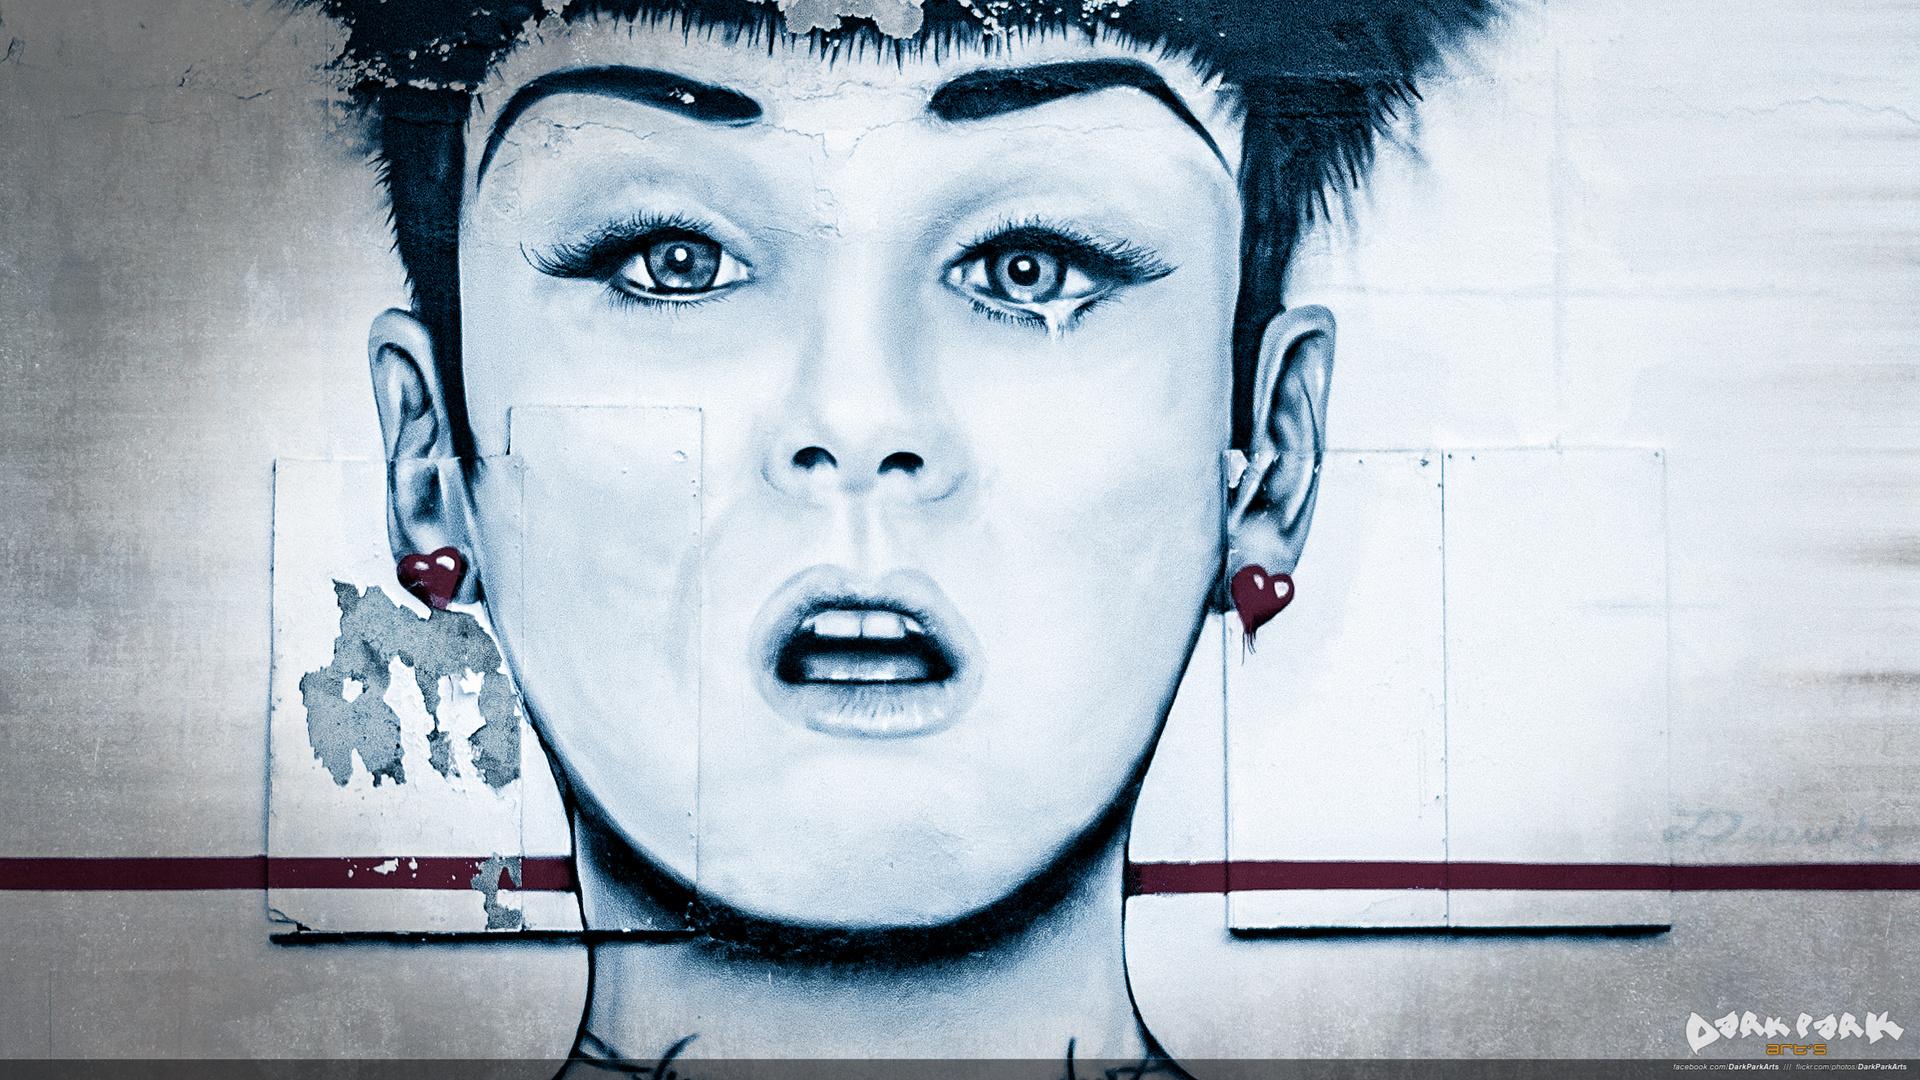 GraffitiBEAUTY